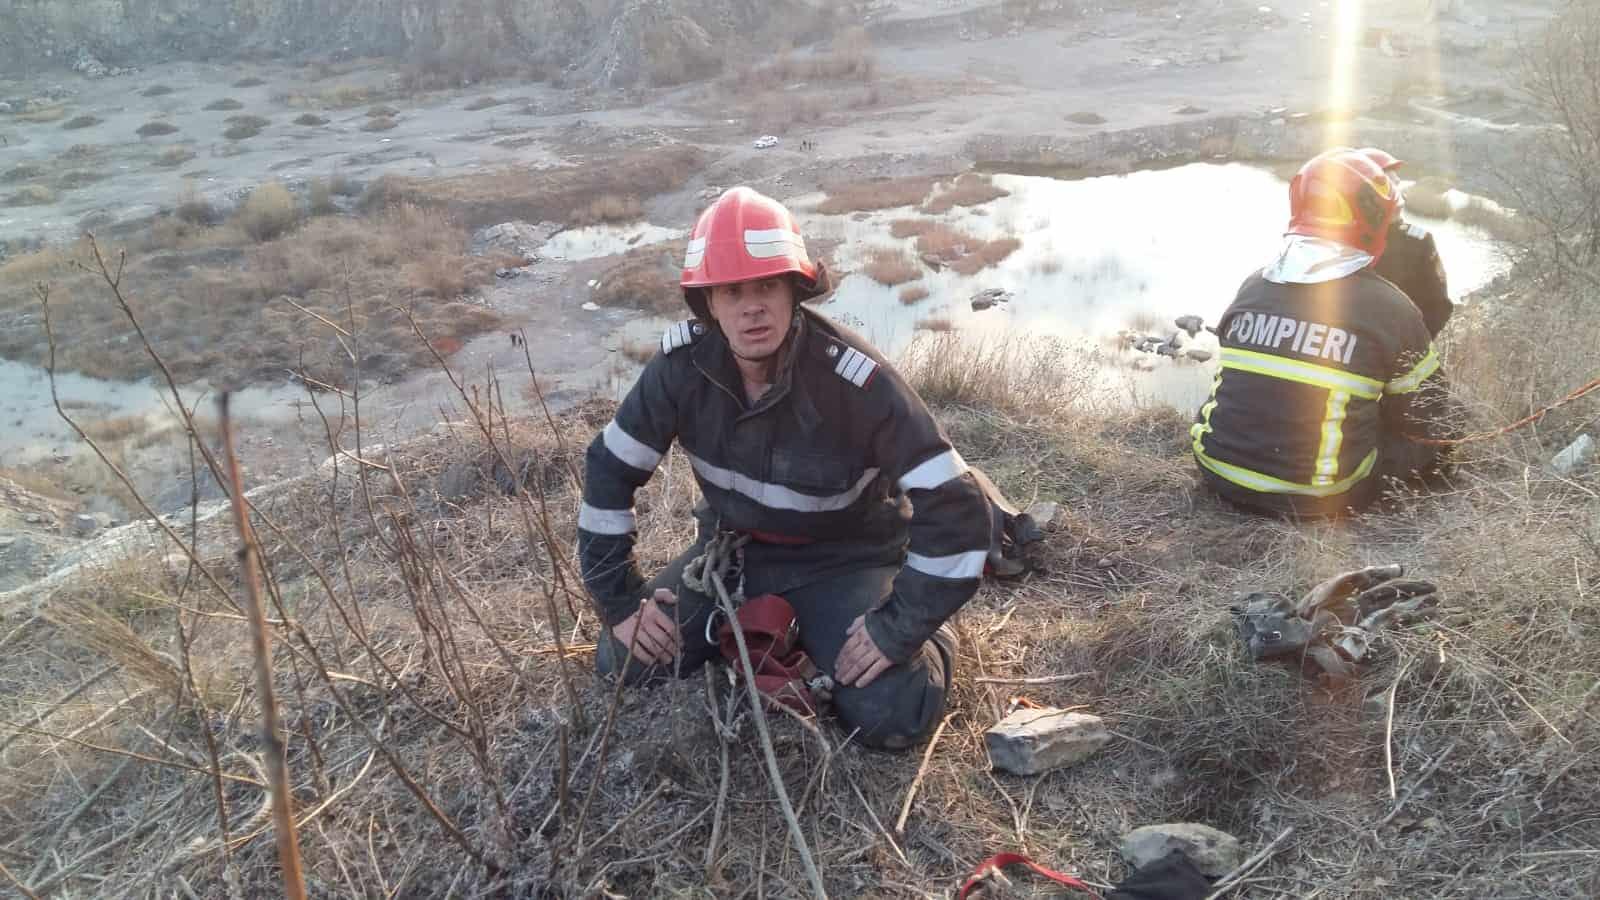 pompieri extenuati